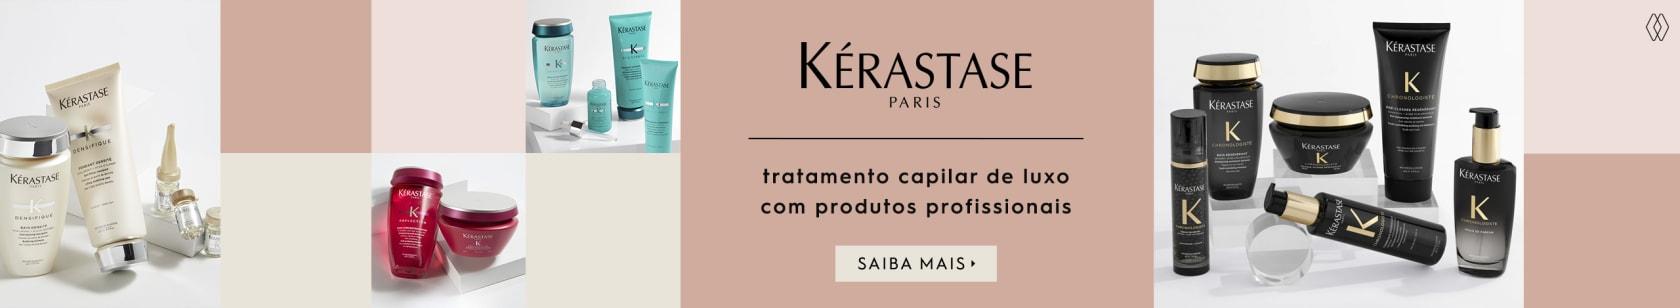 KÉRASTASE PARIS | AMARO